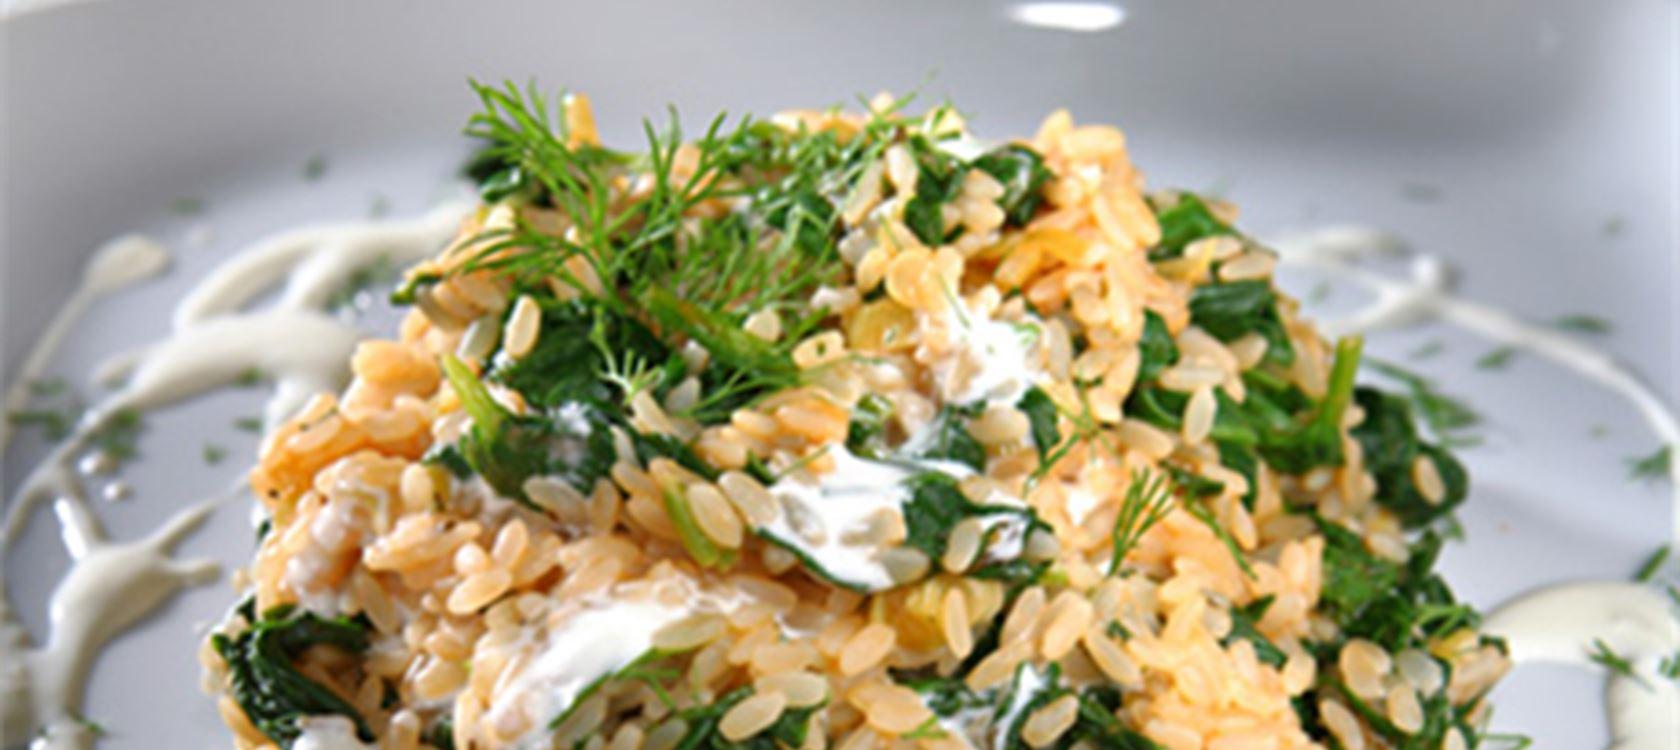 Σπανακόρυζο με ελαφριά γεύση τομάτας και κρέμα γάλακτος